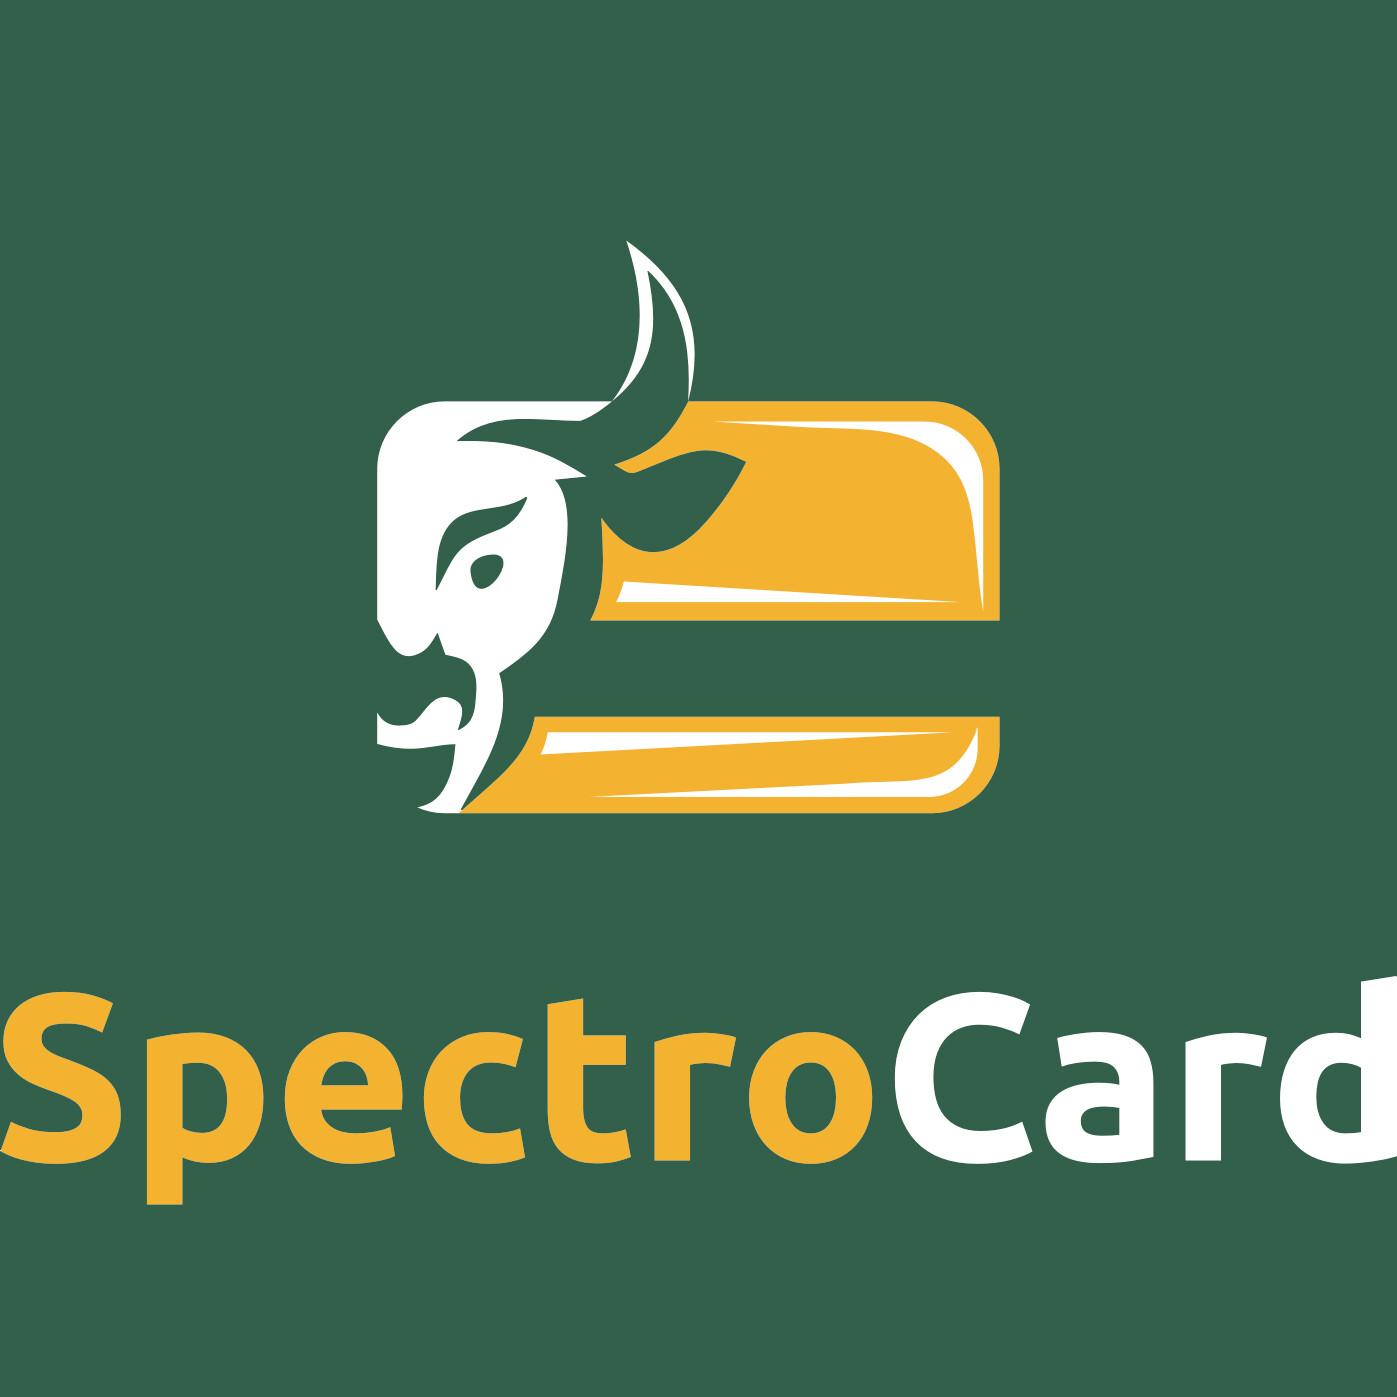 SpectroCard